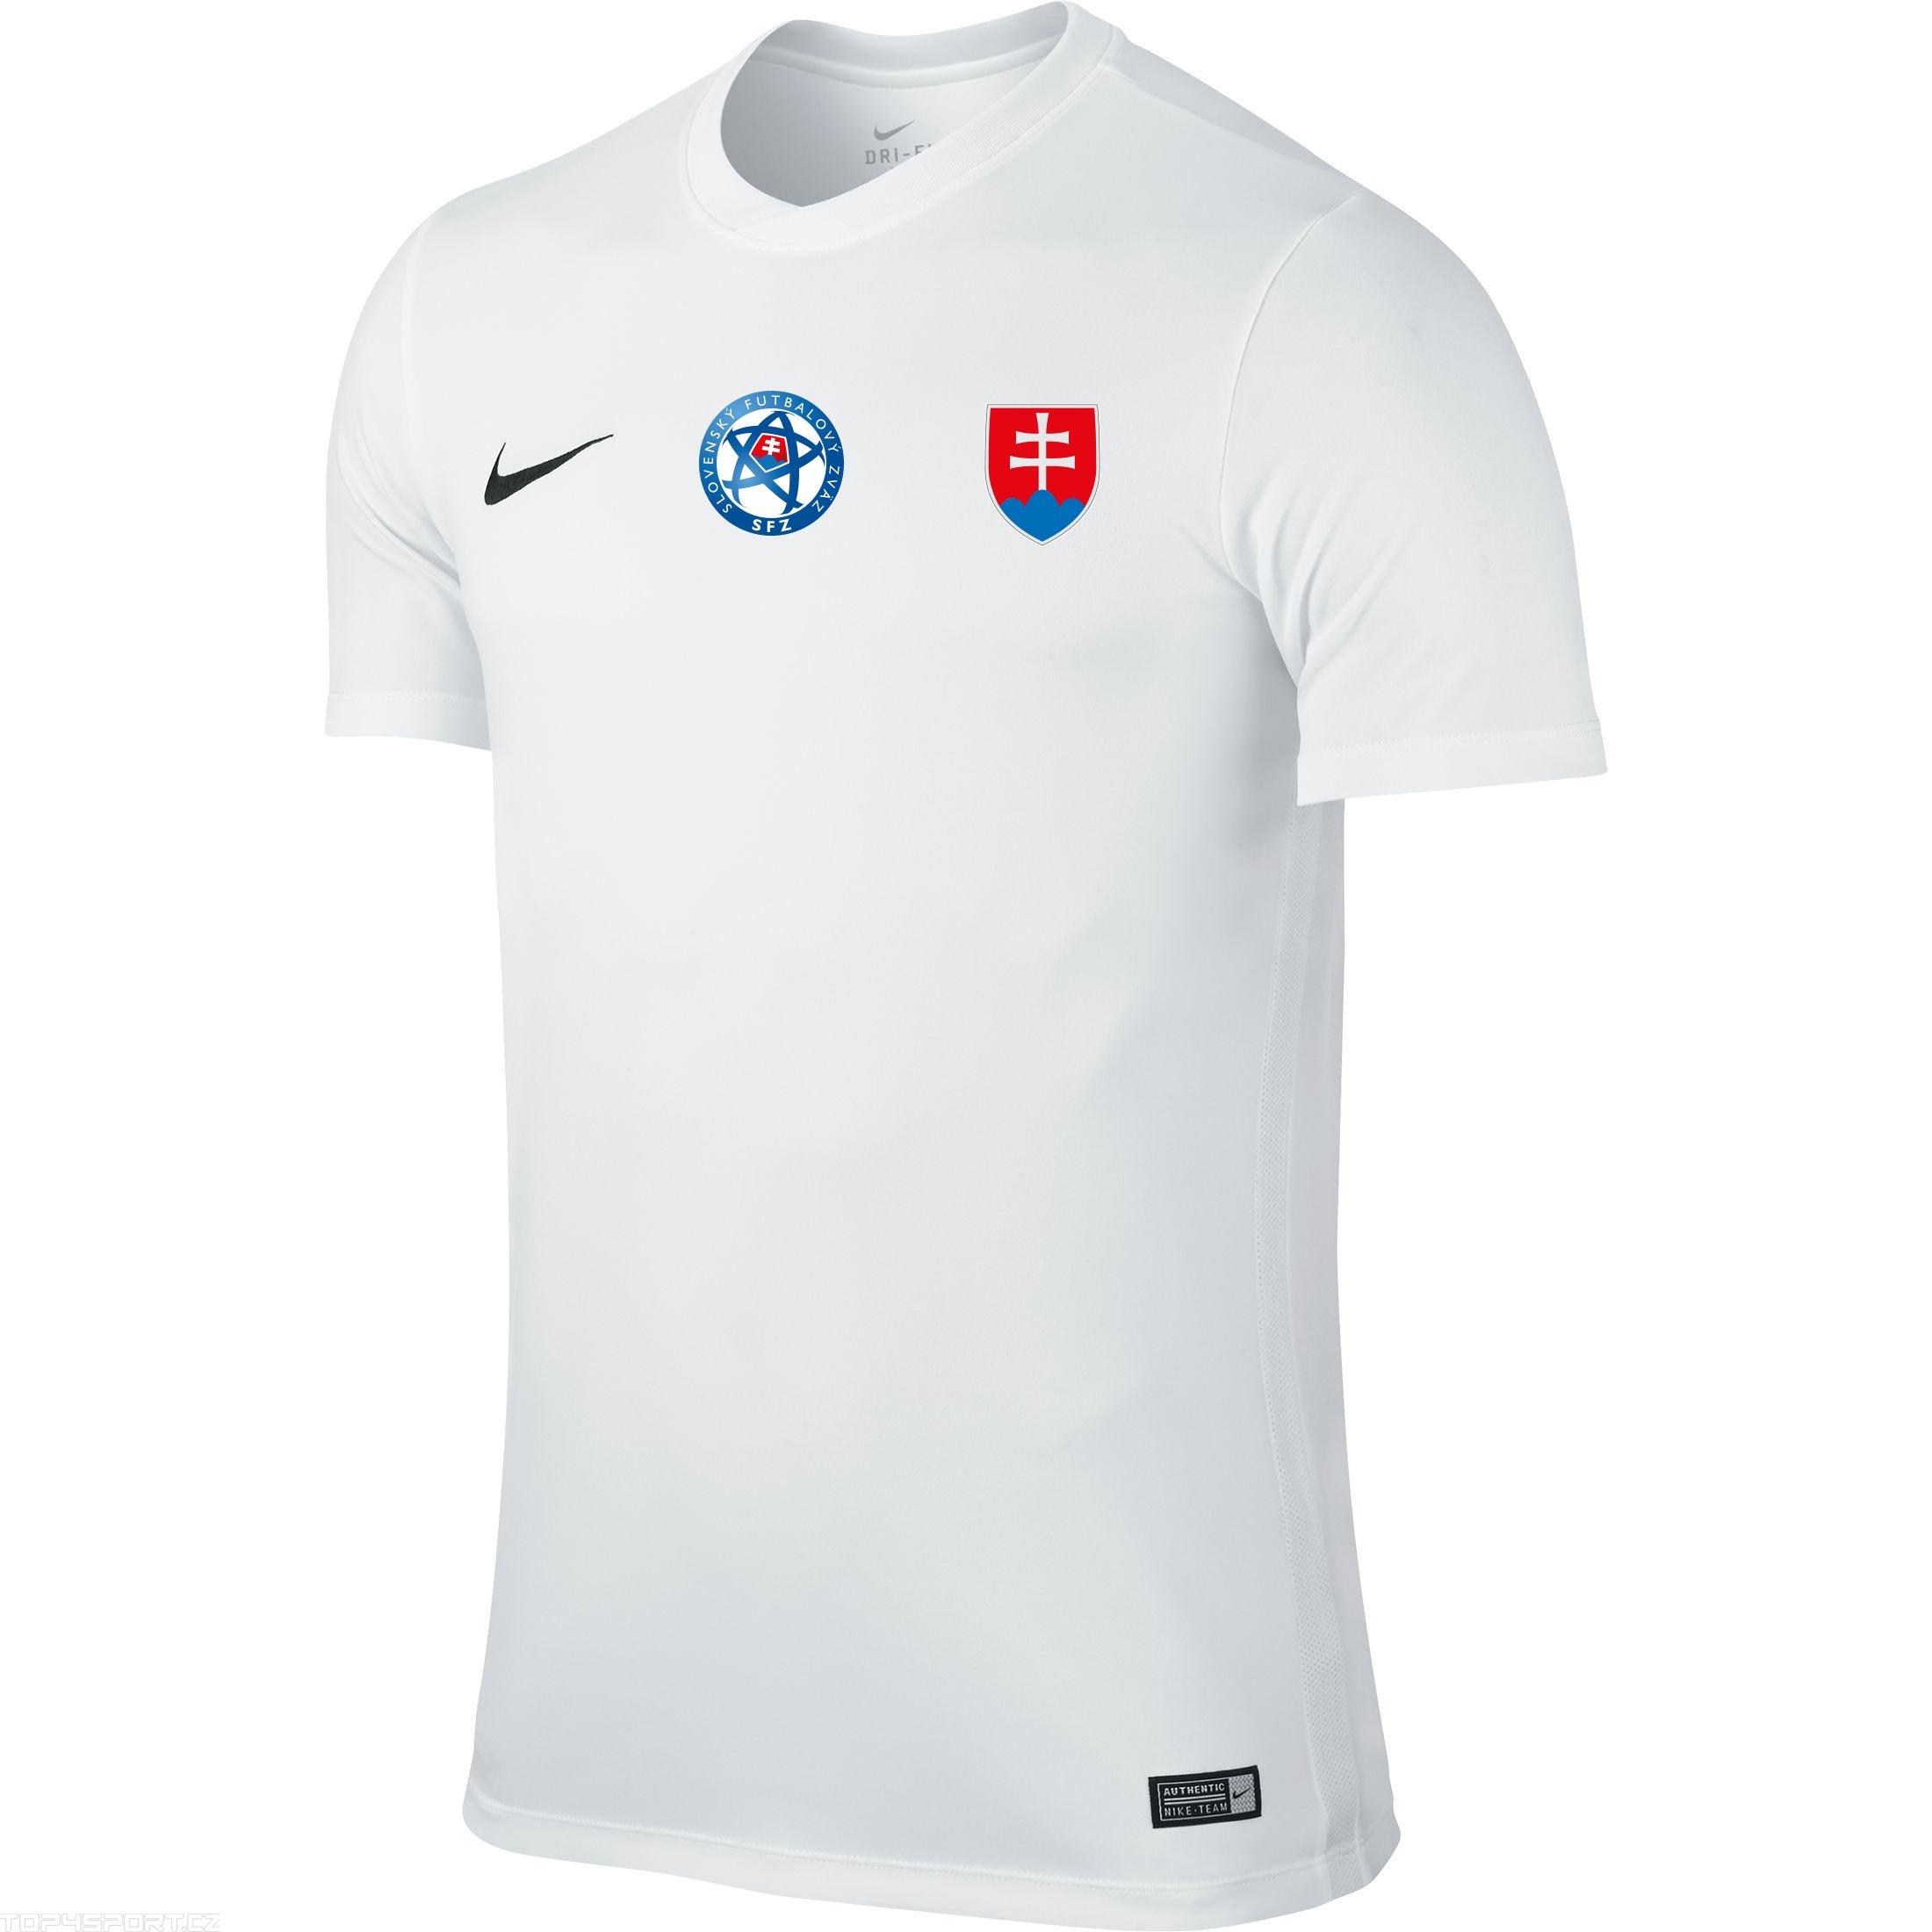 736bfd4ba Futbalový dres SVK biely NIKE replika DETSKÝ + meno a číslo - Fanshop SB